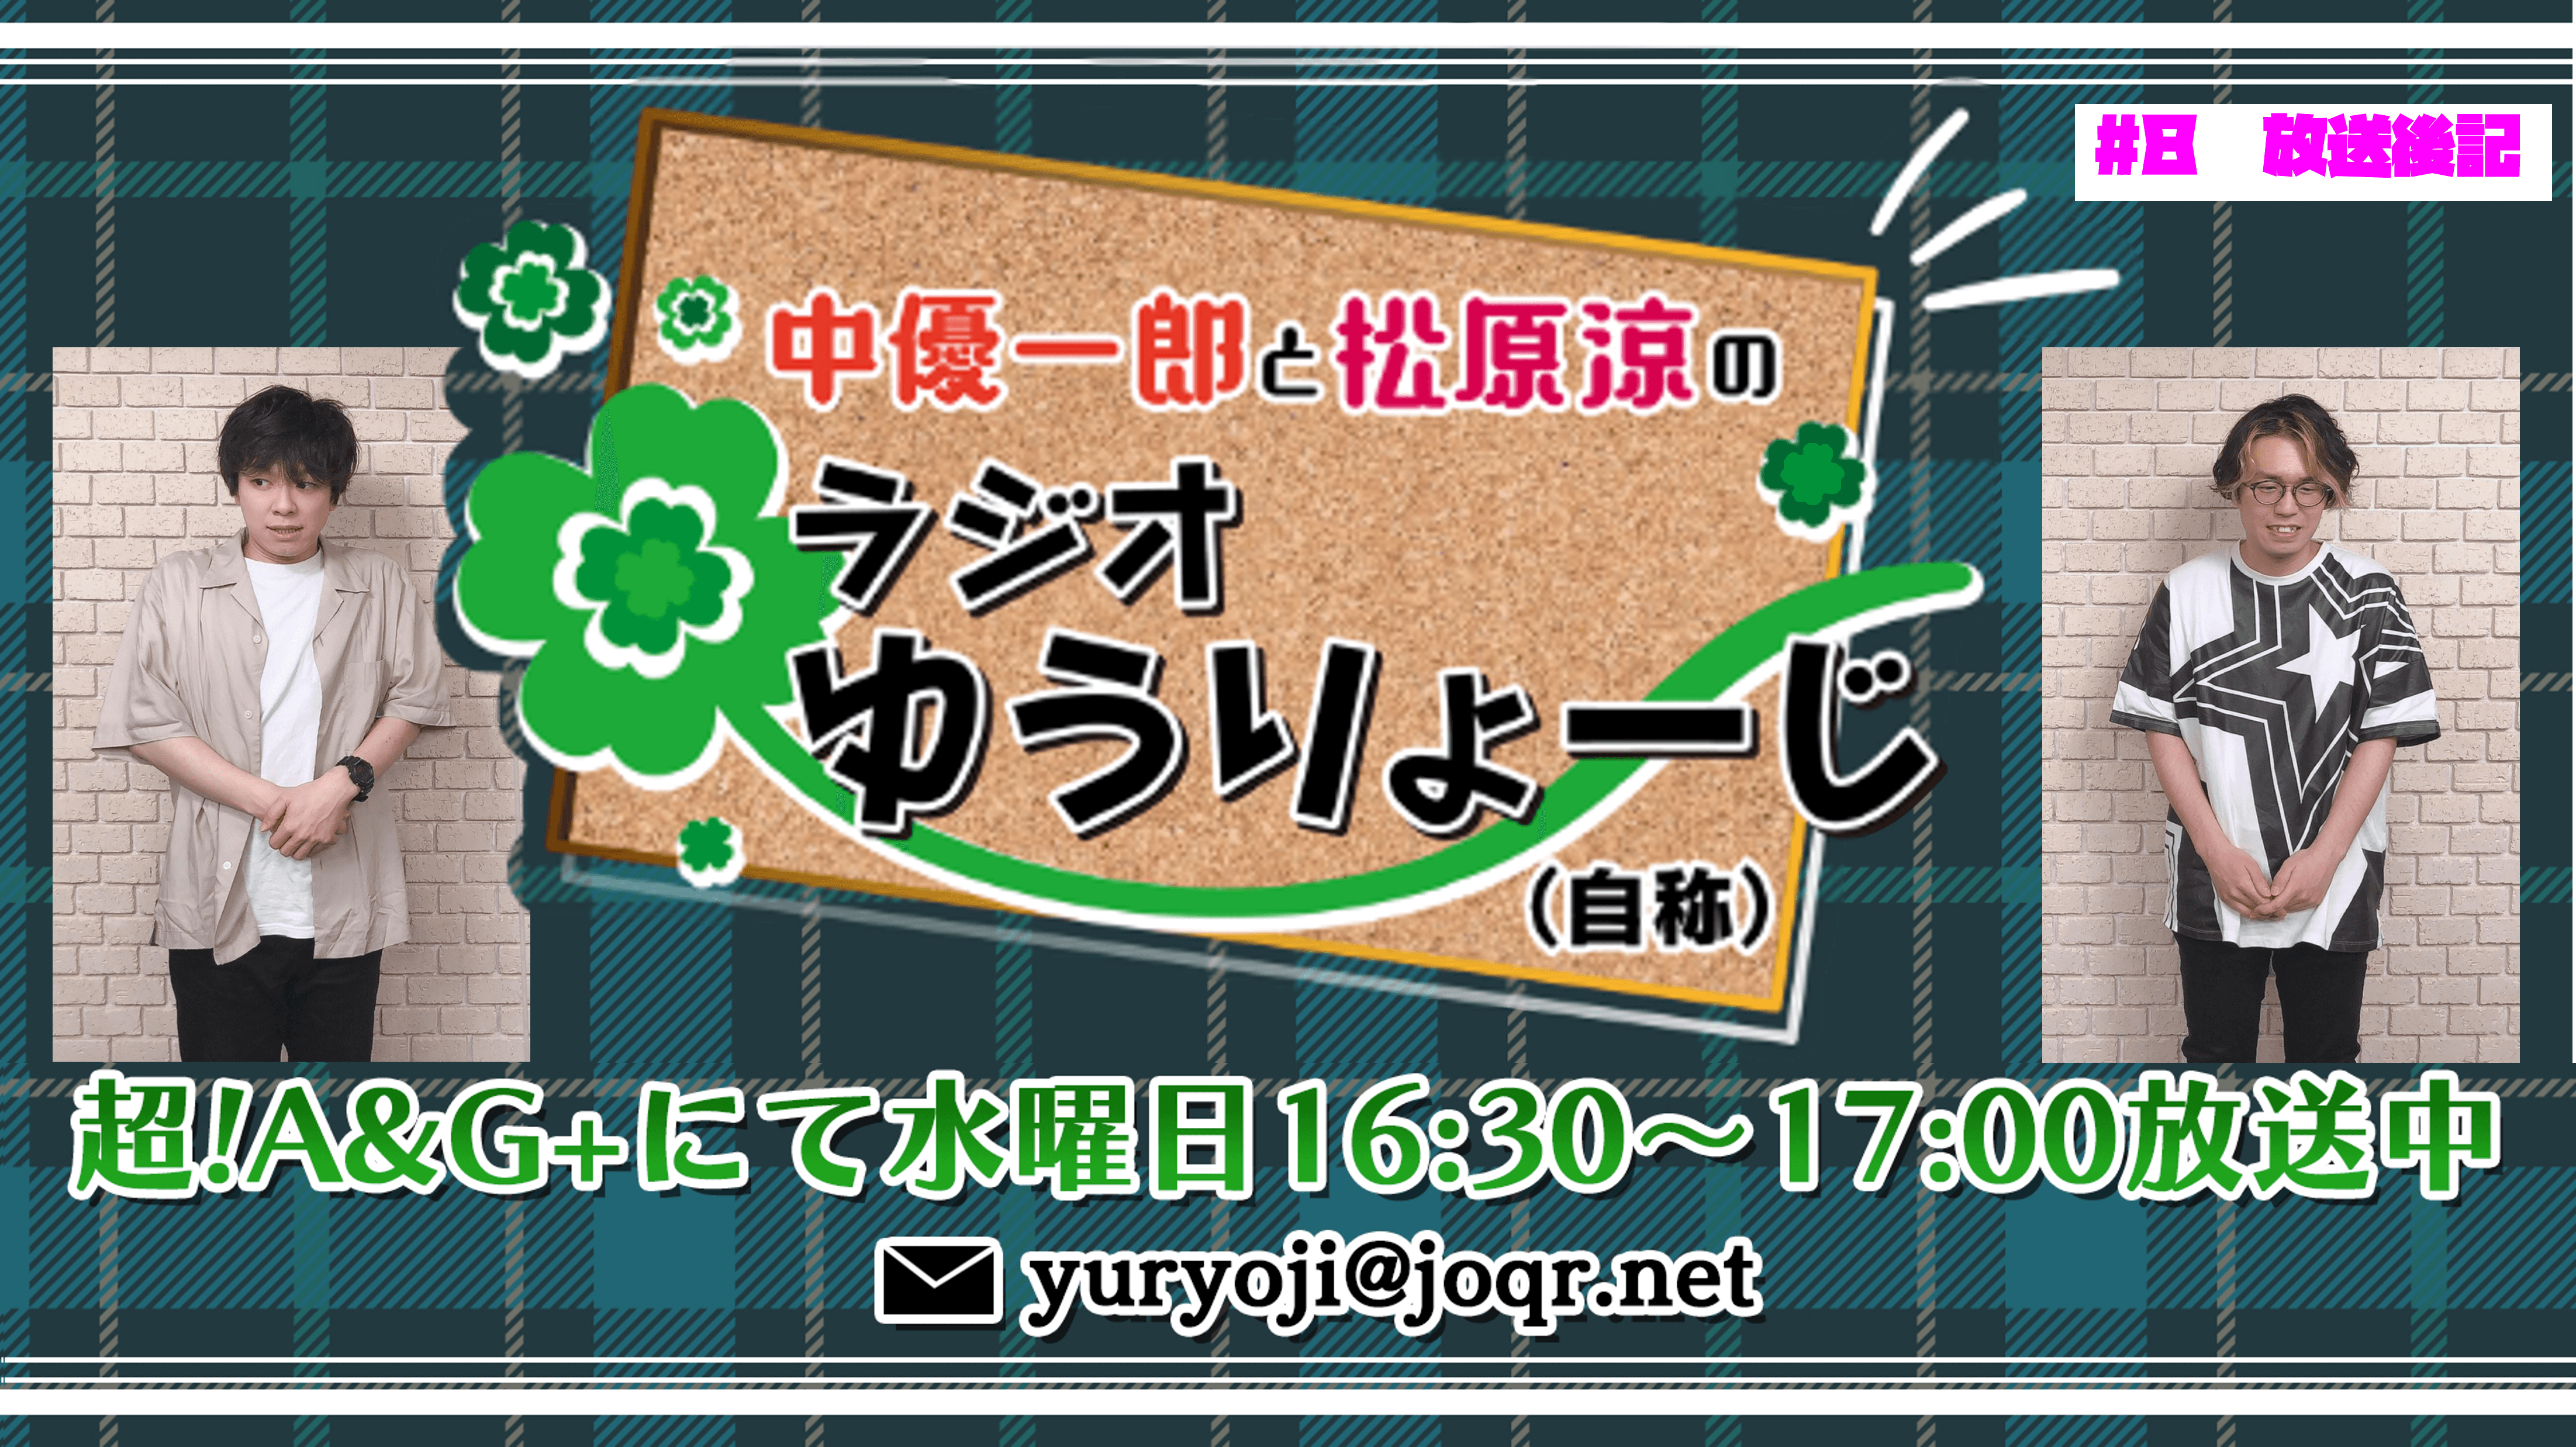 【中優一郎と松原涼のラジオゆうりょーじ!!(自称)】#8「2人の距離感…」